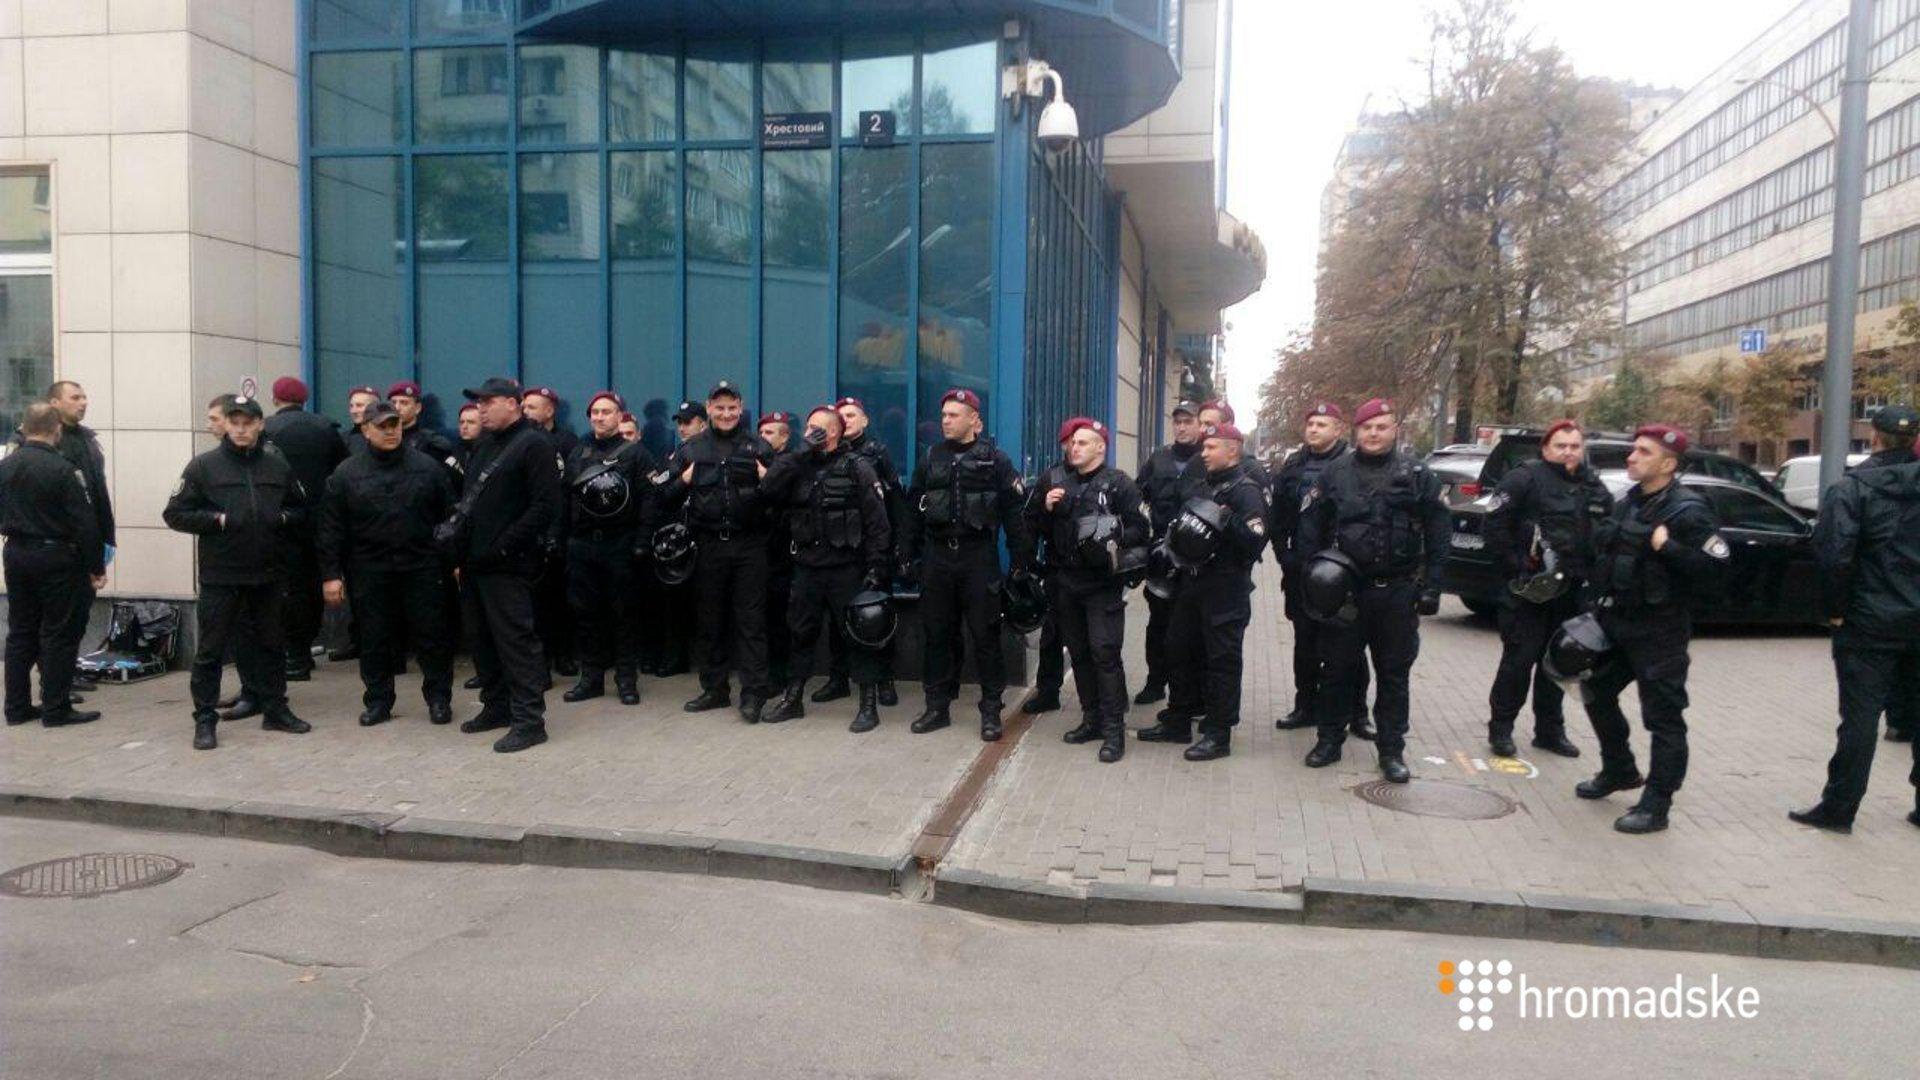 Под Печерским судом подрались активисты компаний С14 и«Майдан»